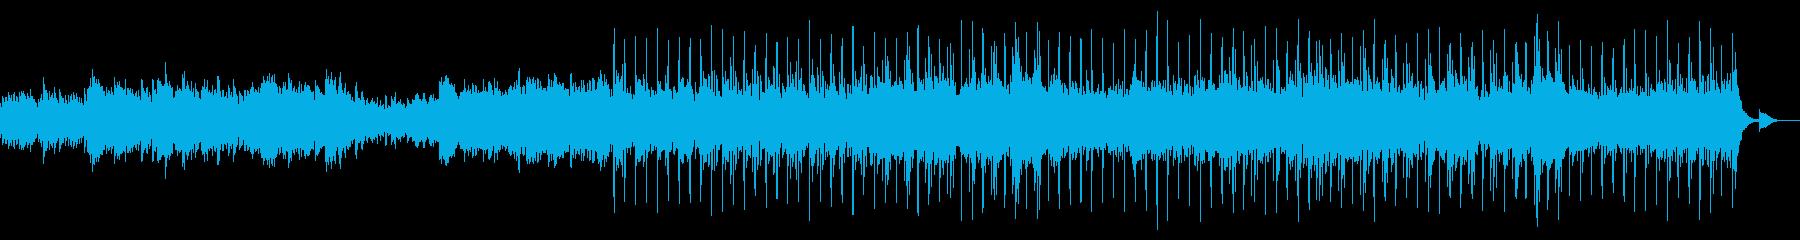 穏やか ピアノ フルートの再生済みの波形